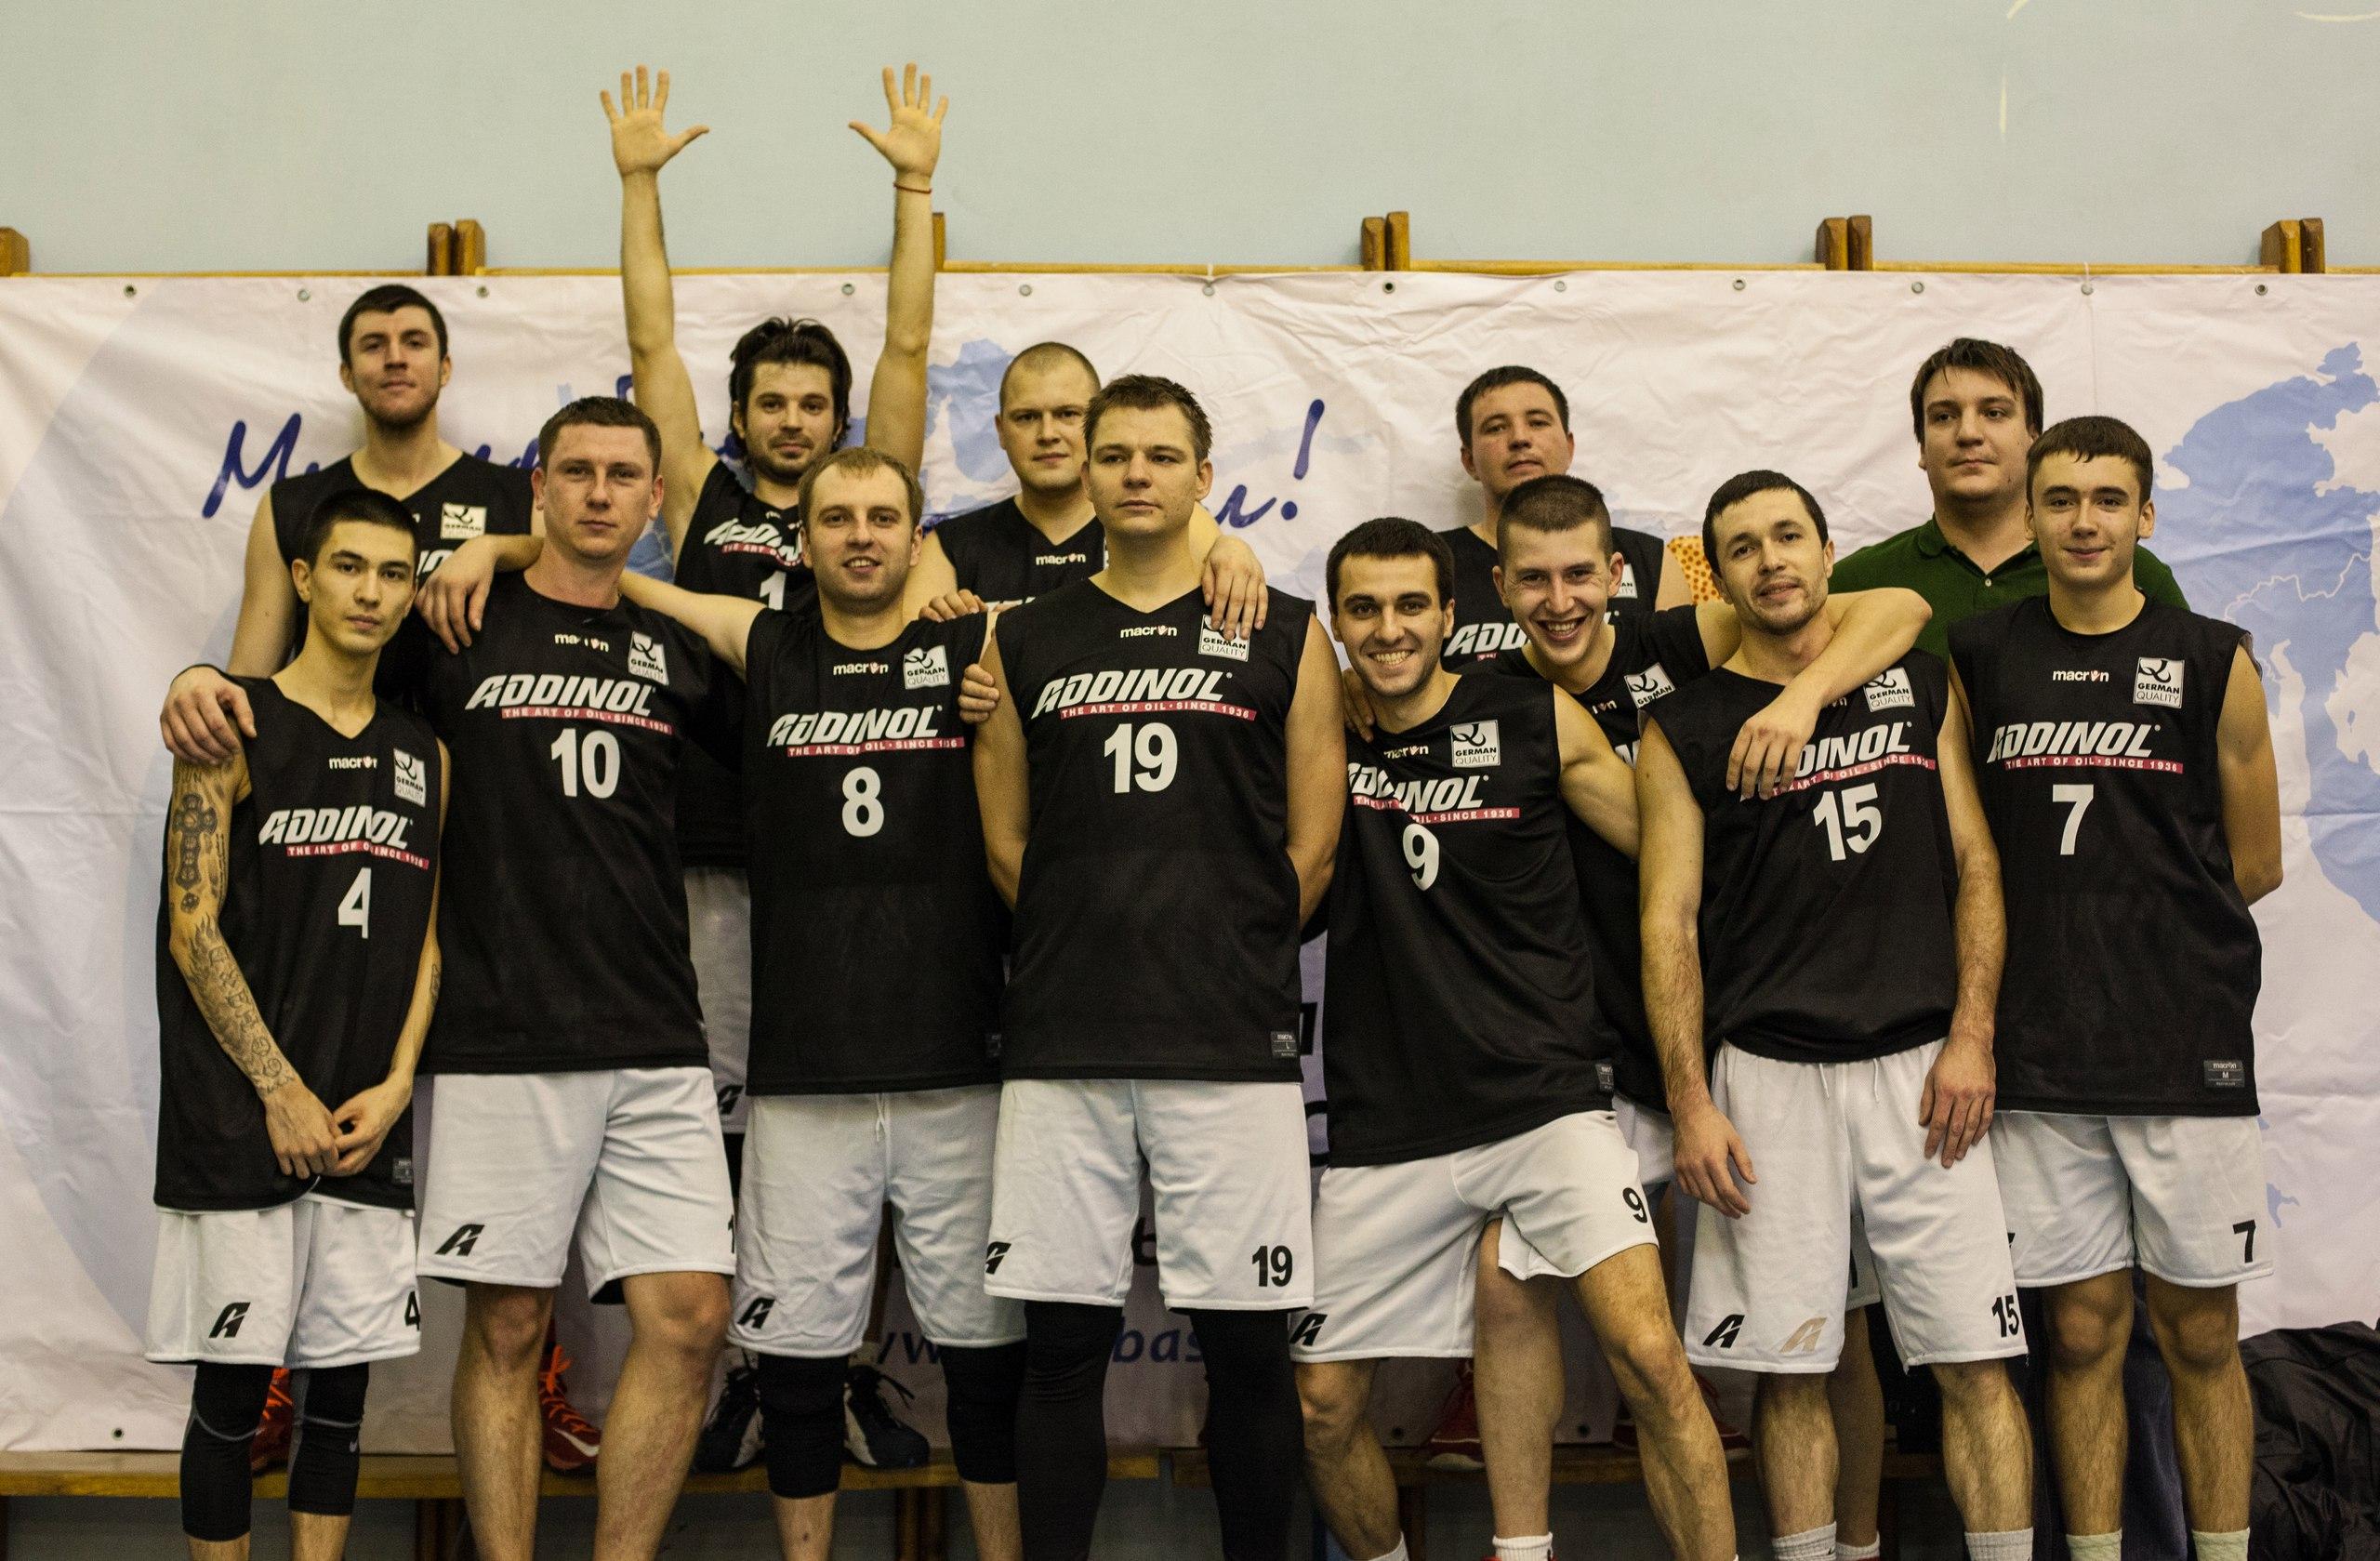 ADDINOL Краснодар баскетбол